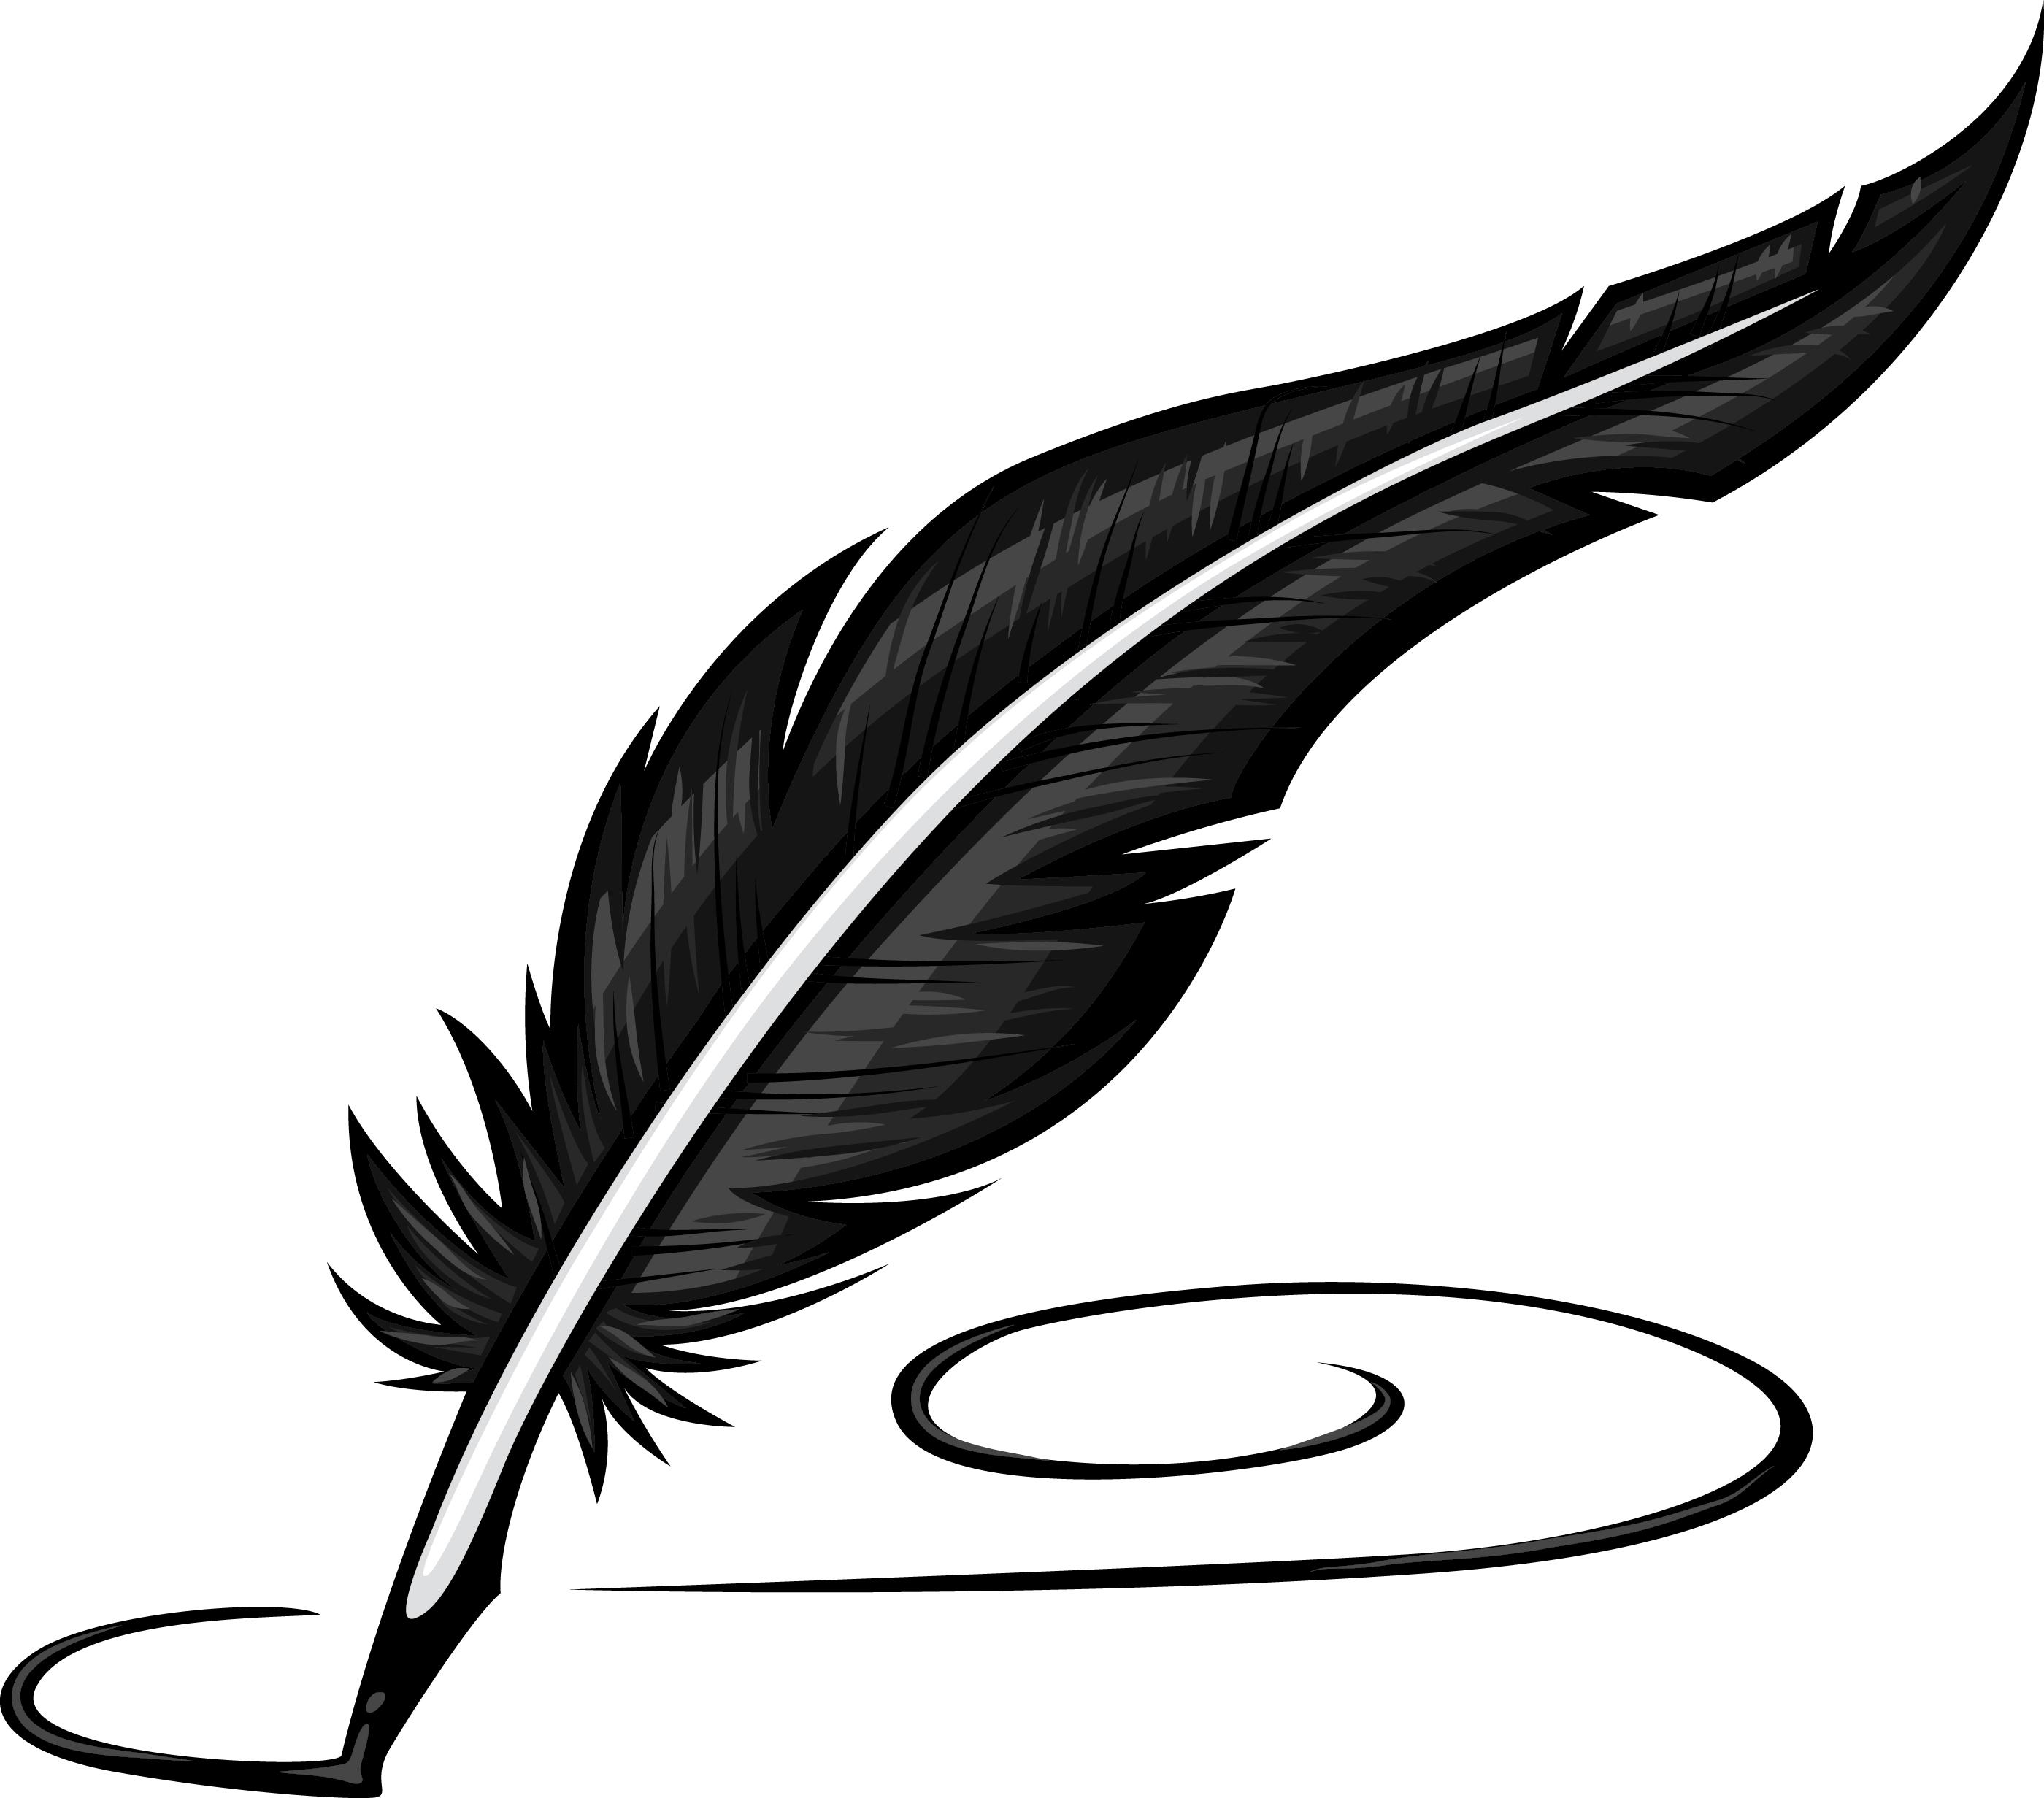 Feather Pen Clipart #1-Feather Pen Clipart #1-0